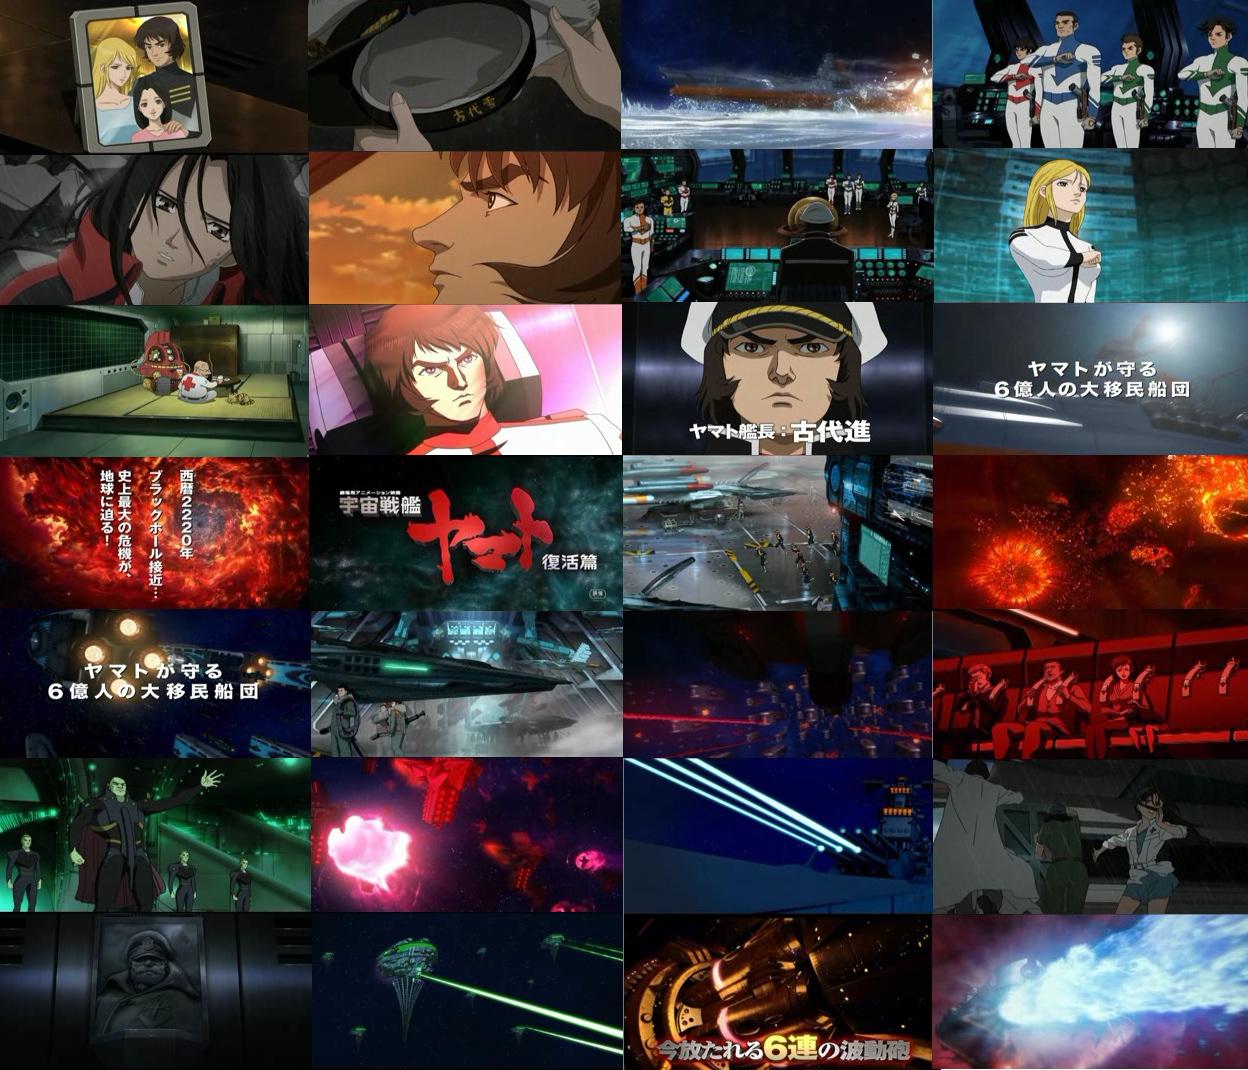 宇宙戦艦ヤマト復活篇1